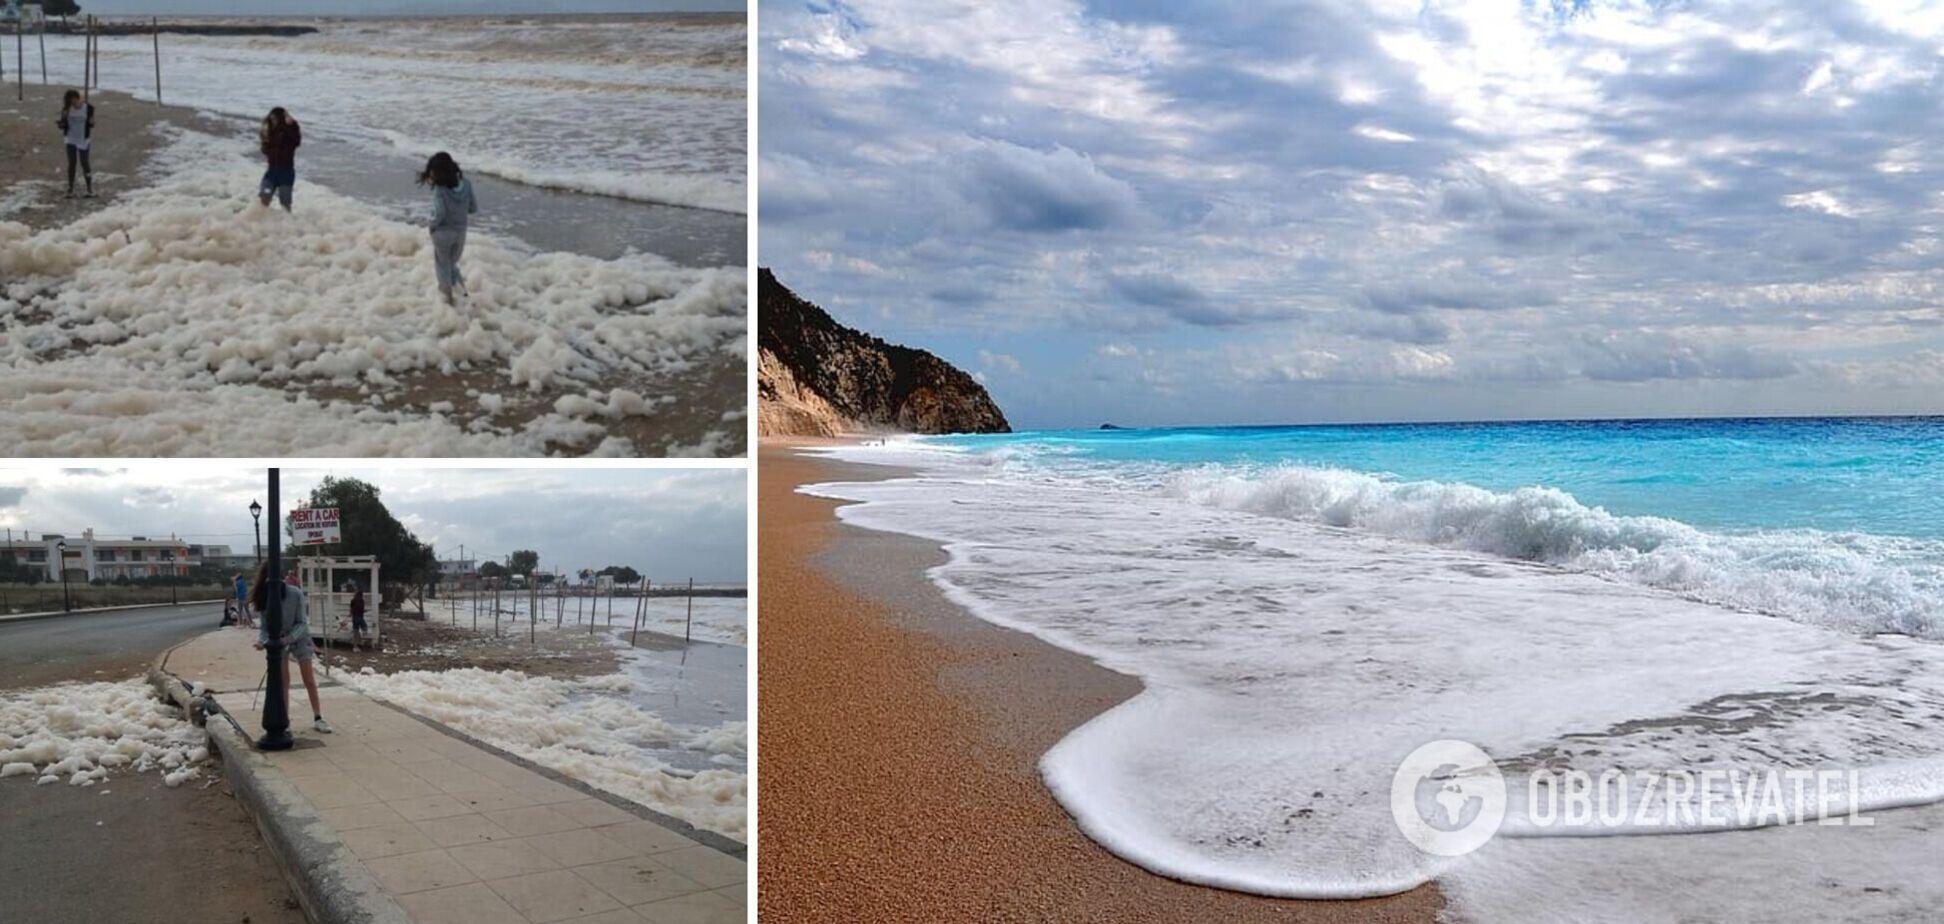 В Греции пляж покрылся густой белой пеной. Фото и видео